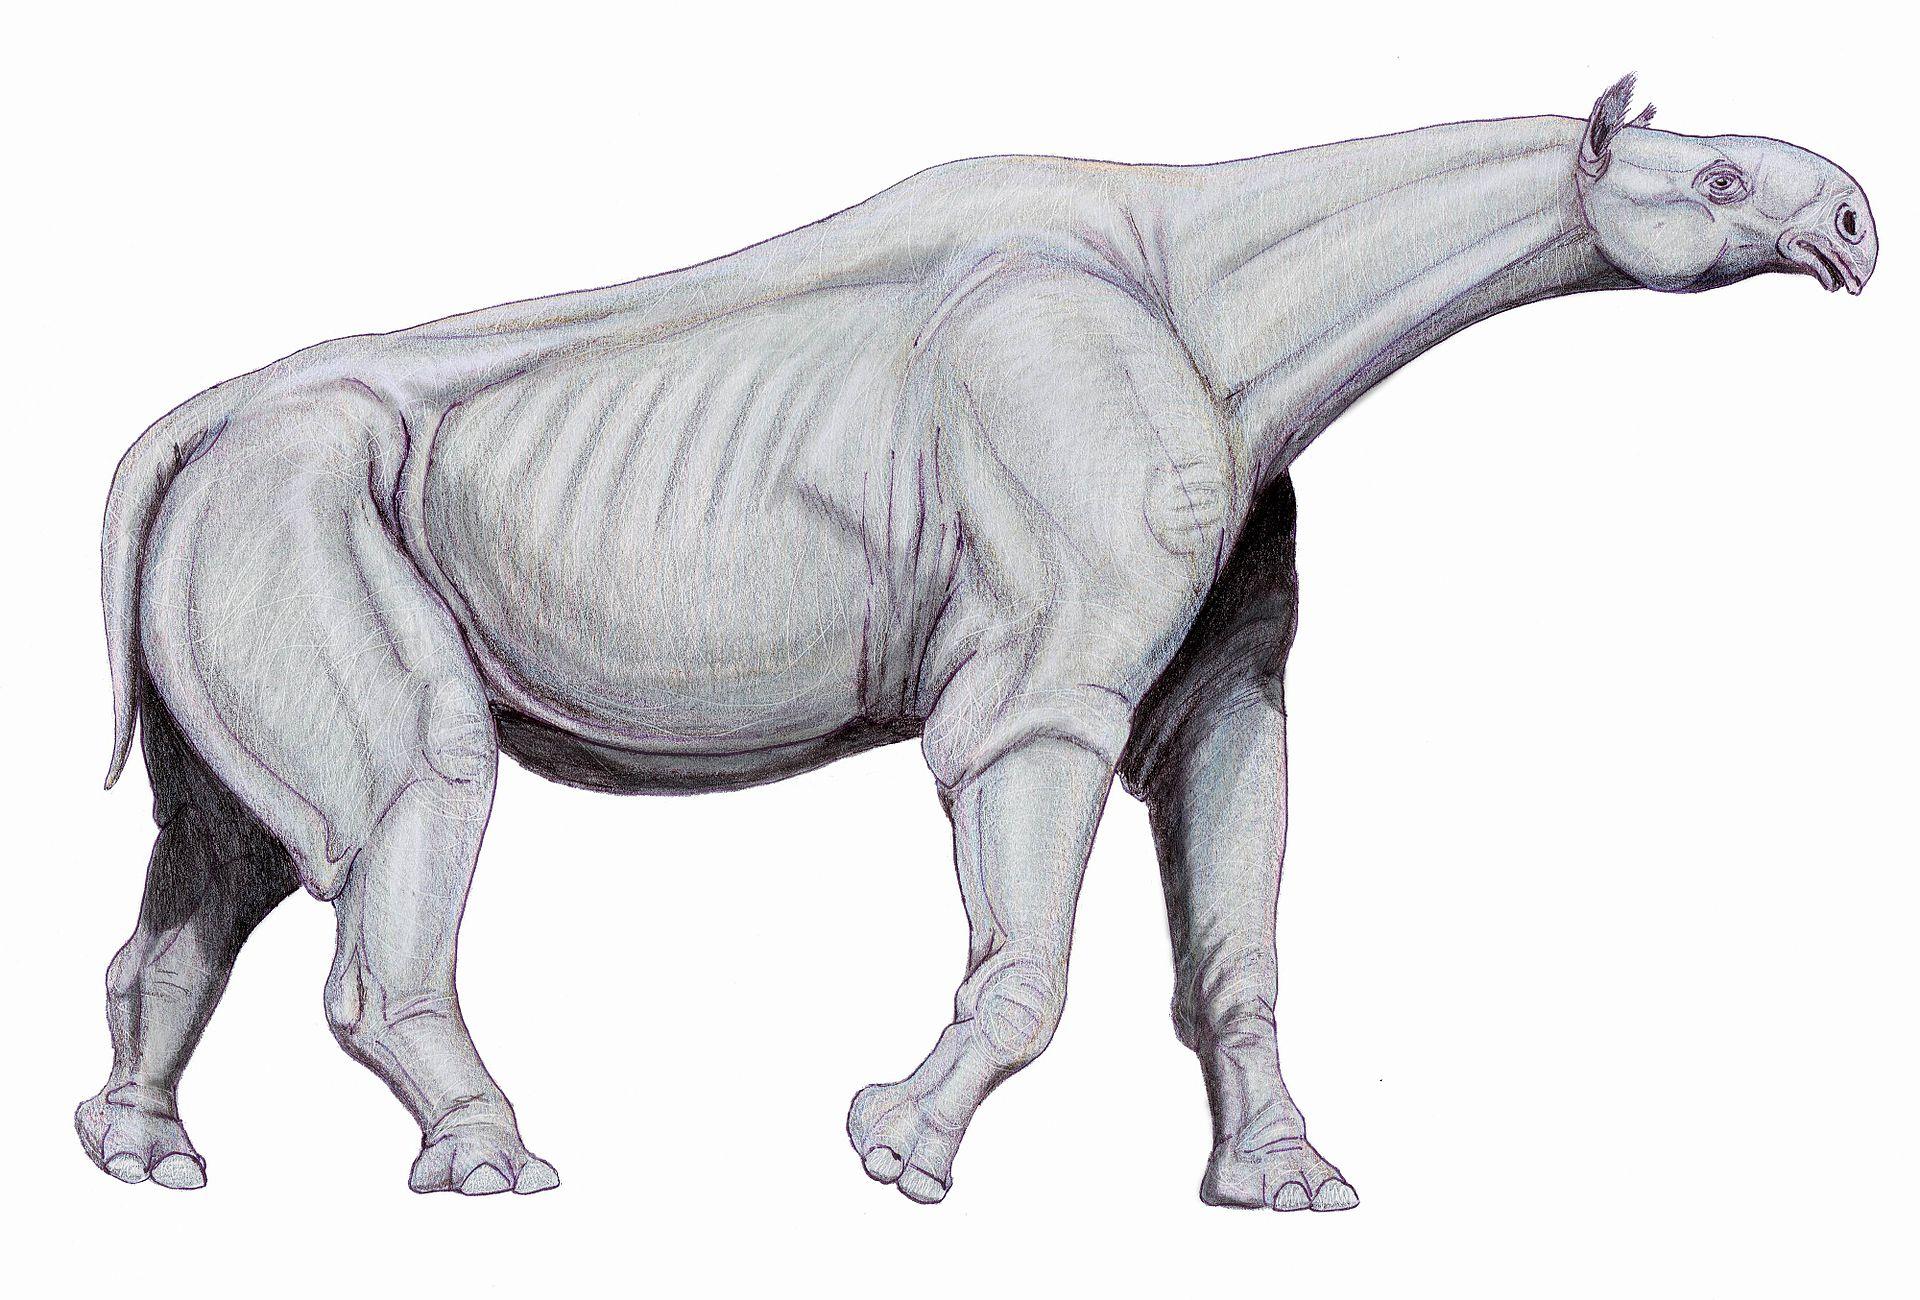 内蒙古发现巨犀完整头骨化石